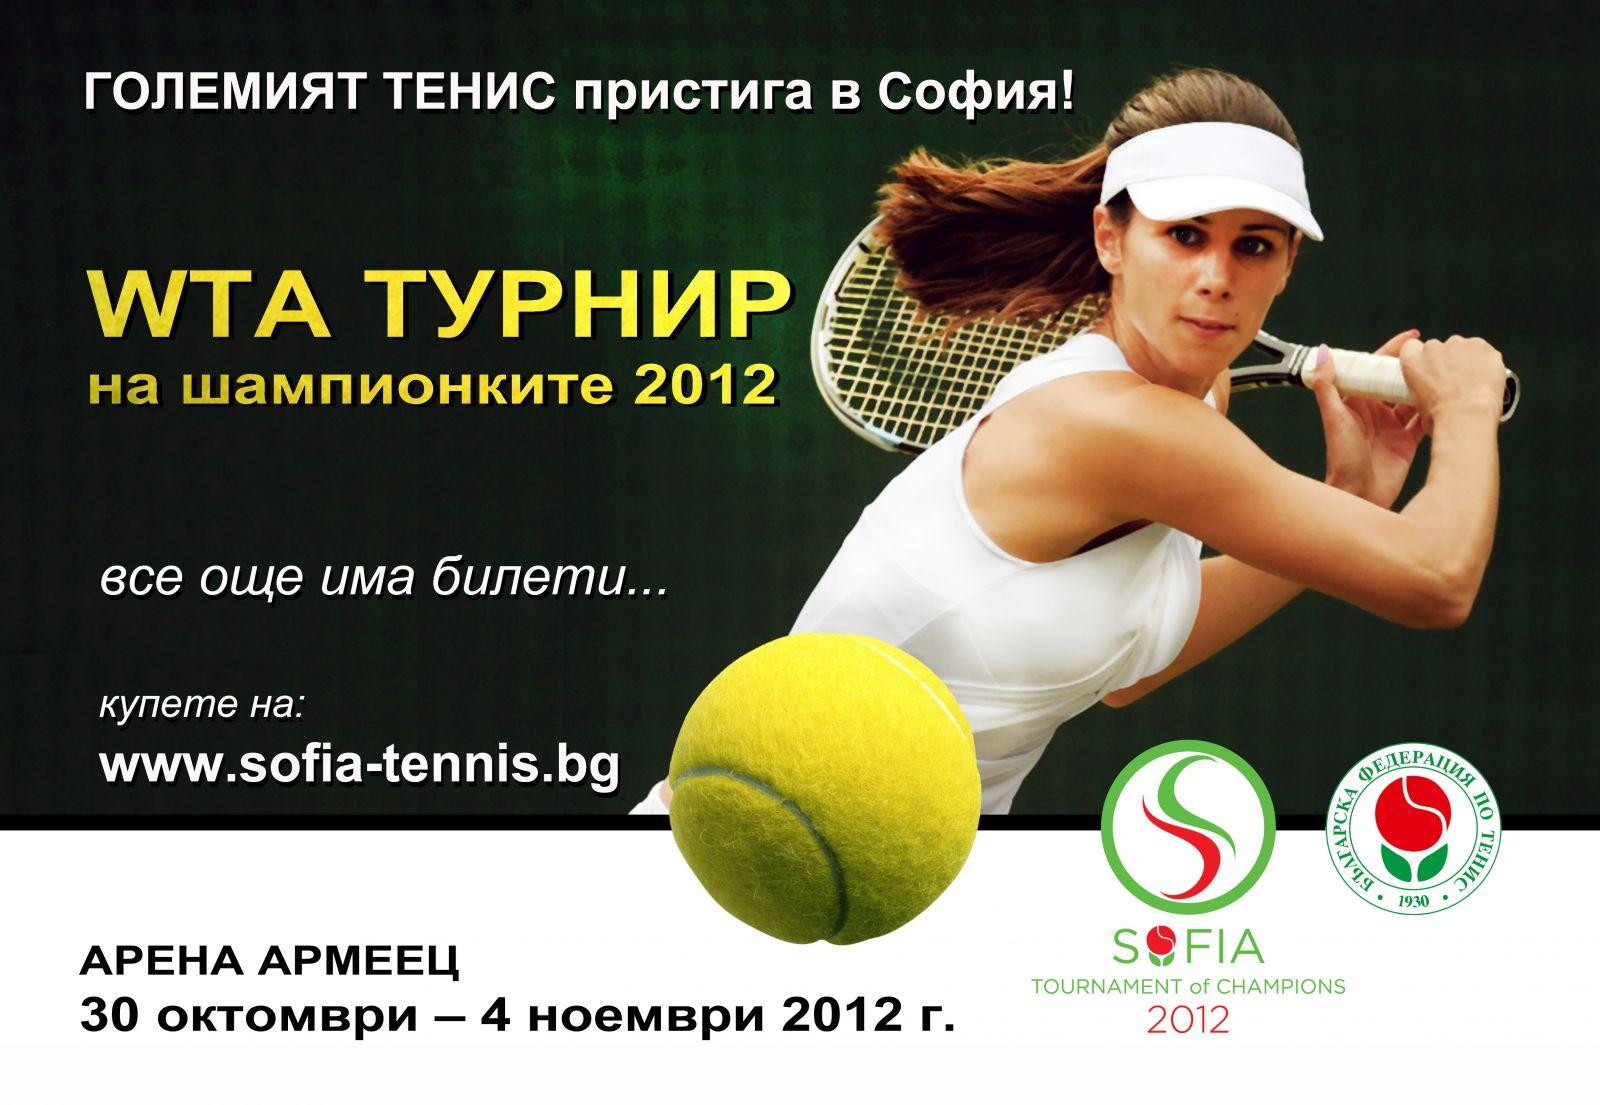 Шефове на WTA идват в България другата седмица